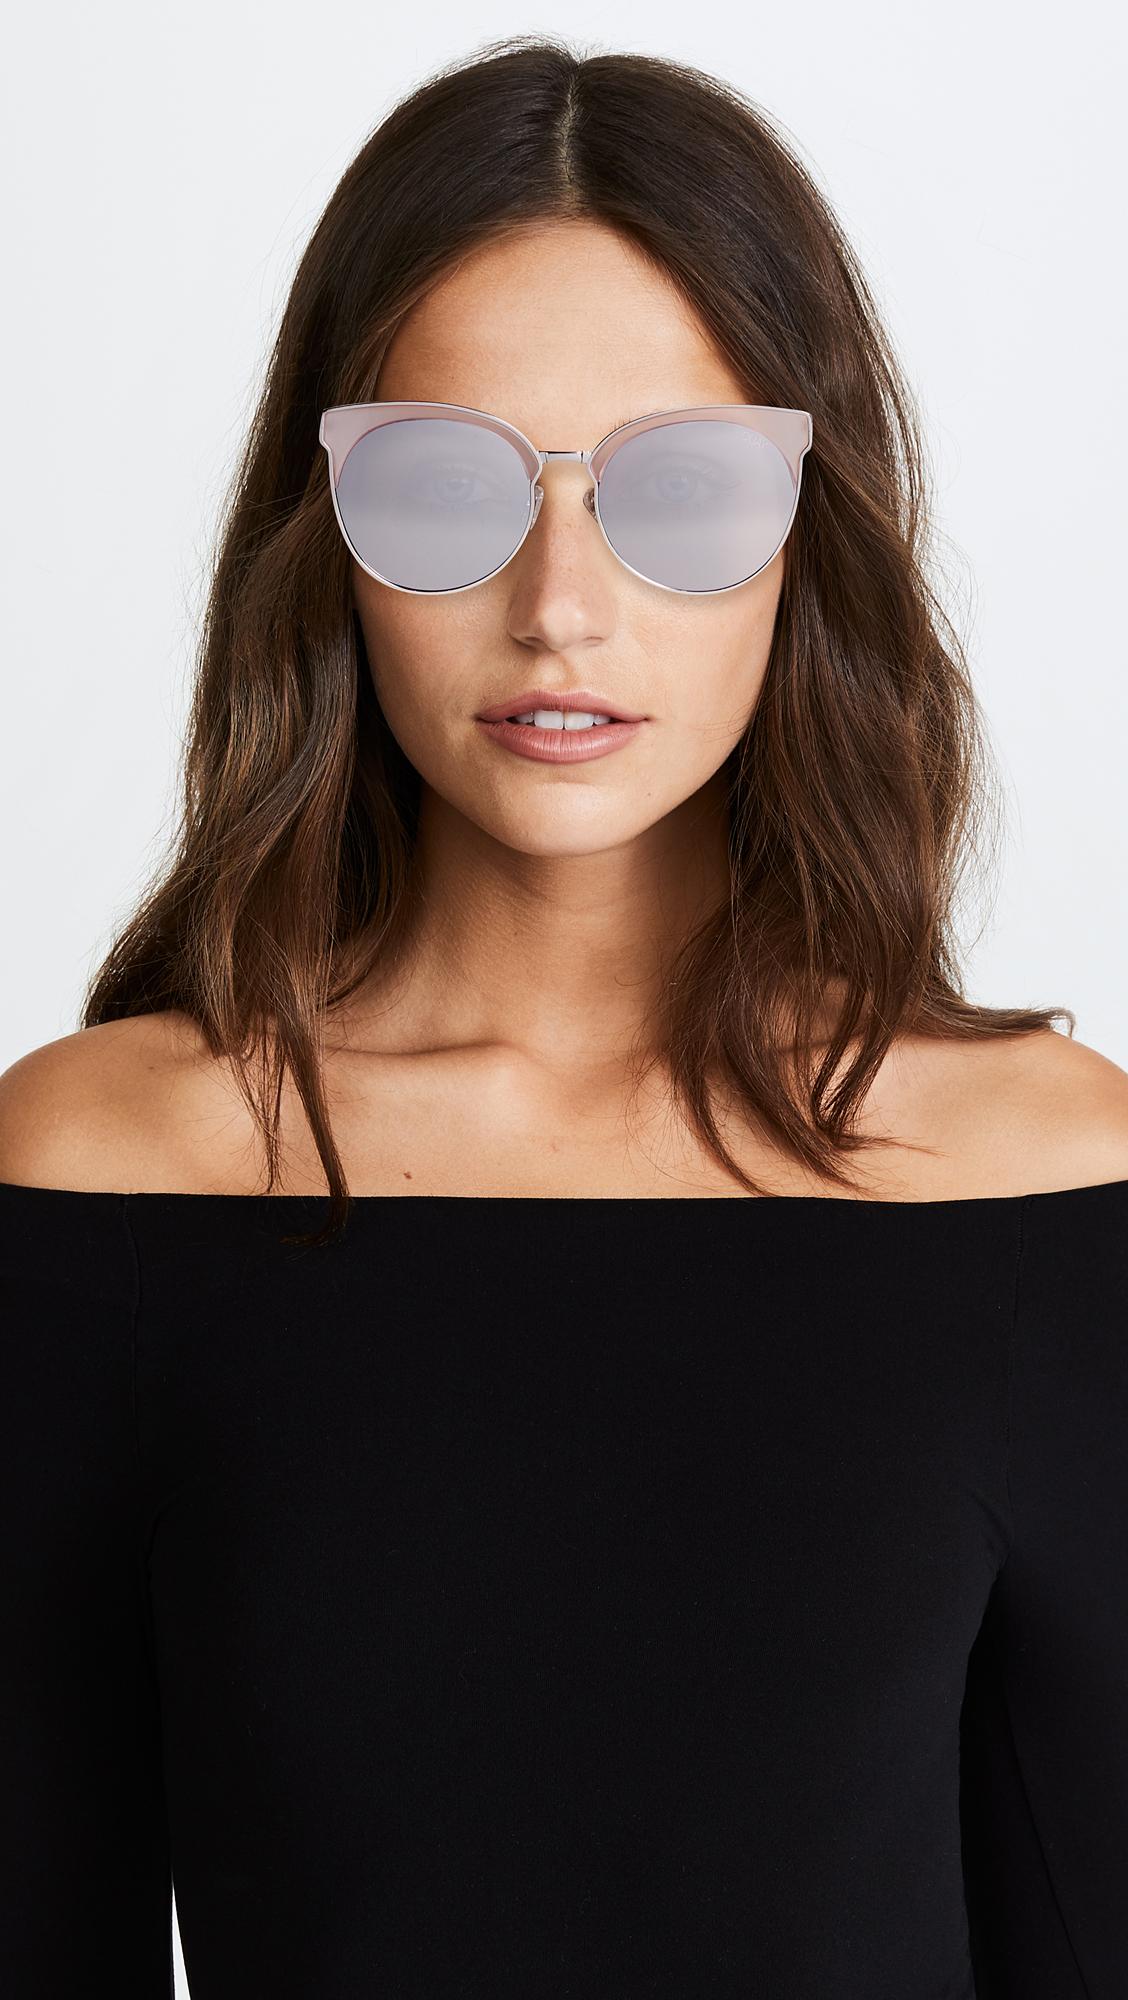 c19650a476530 Quay Mia Bella Sunglasses